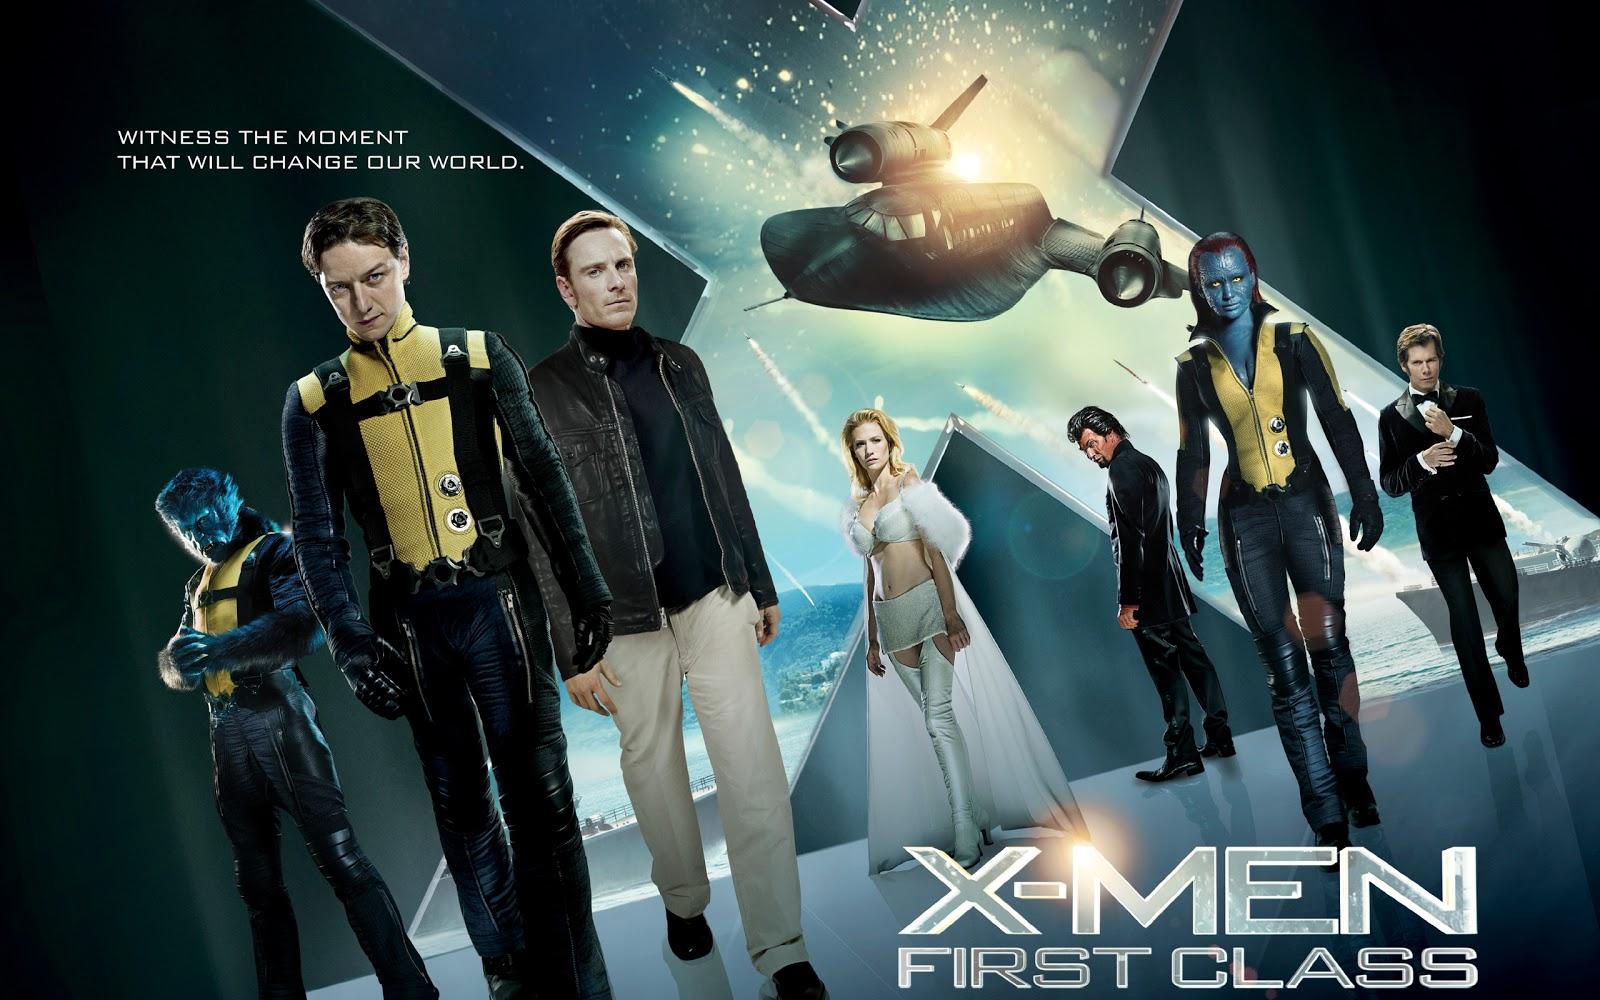 http://3.bp.blogspot.com/-XU62Tv_JWXg/TfQFBij0zAI/AAAAAAAAE9s/c-vaaj4zg8A/s1600/download-x-men-first-class-movie.jpg